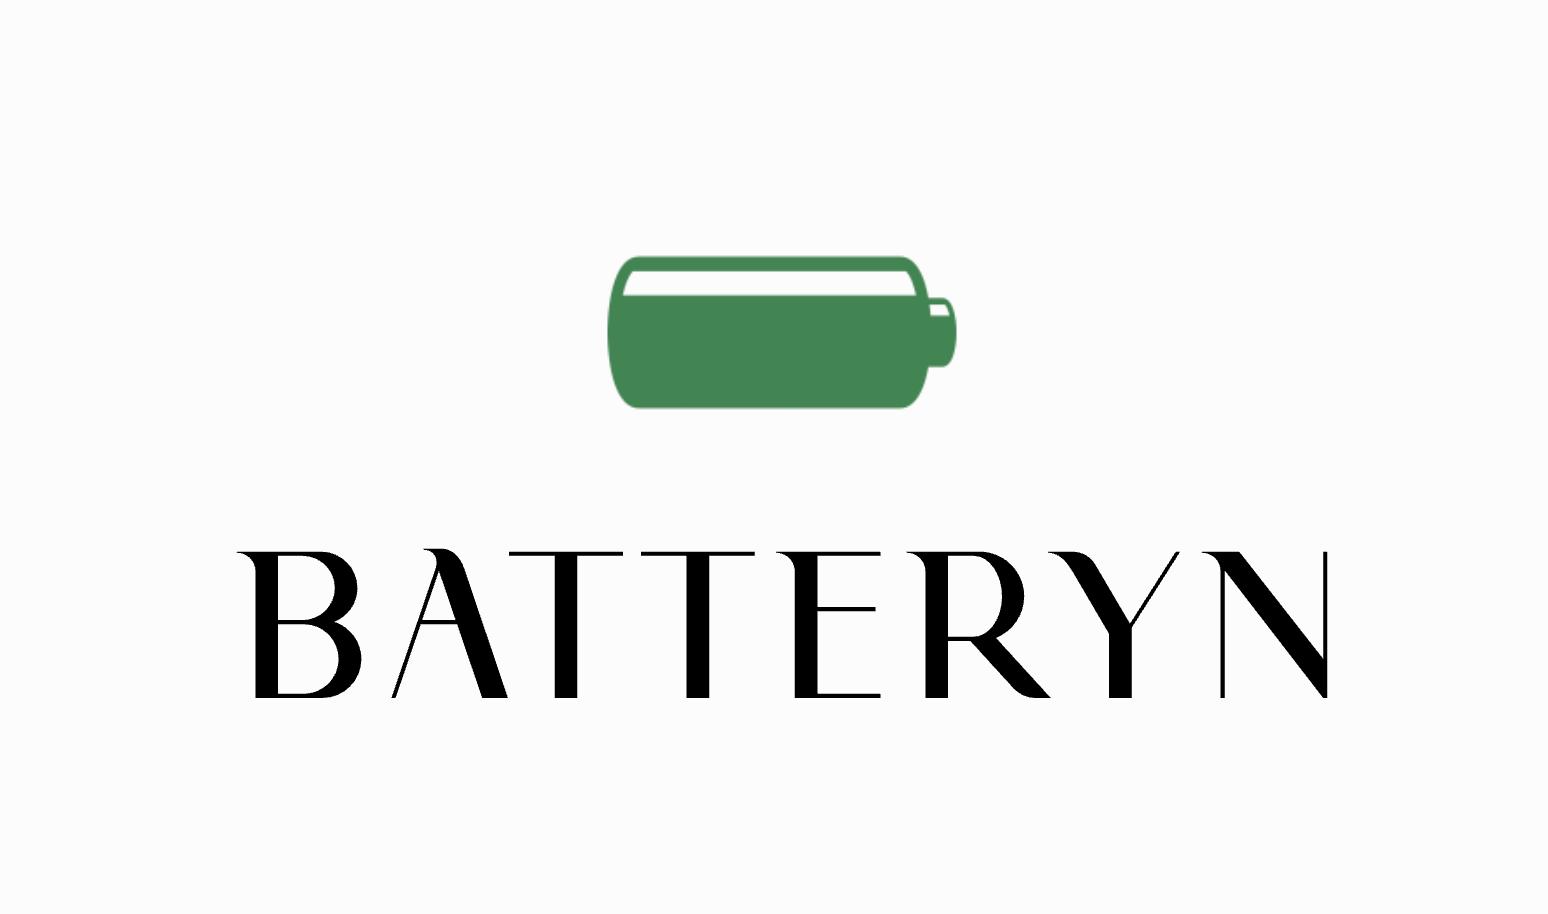 Case Study - Batteryn